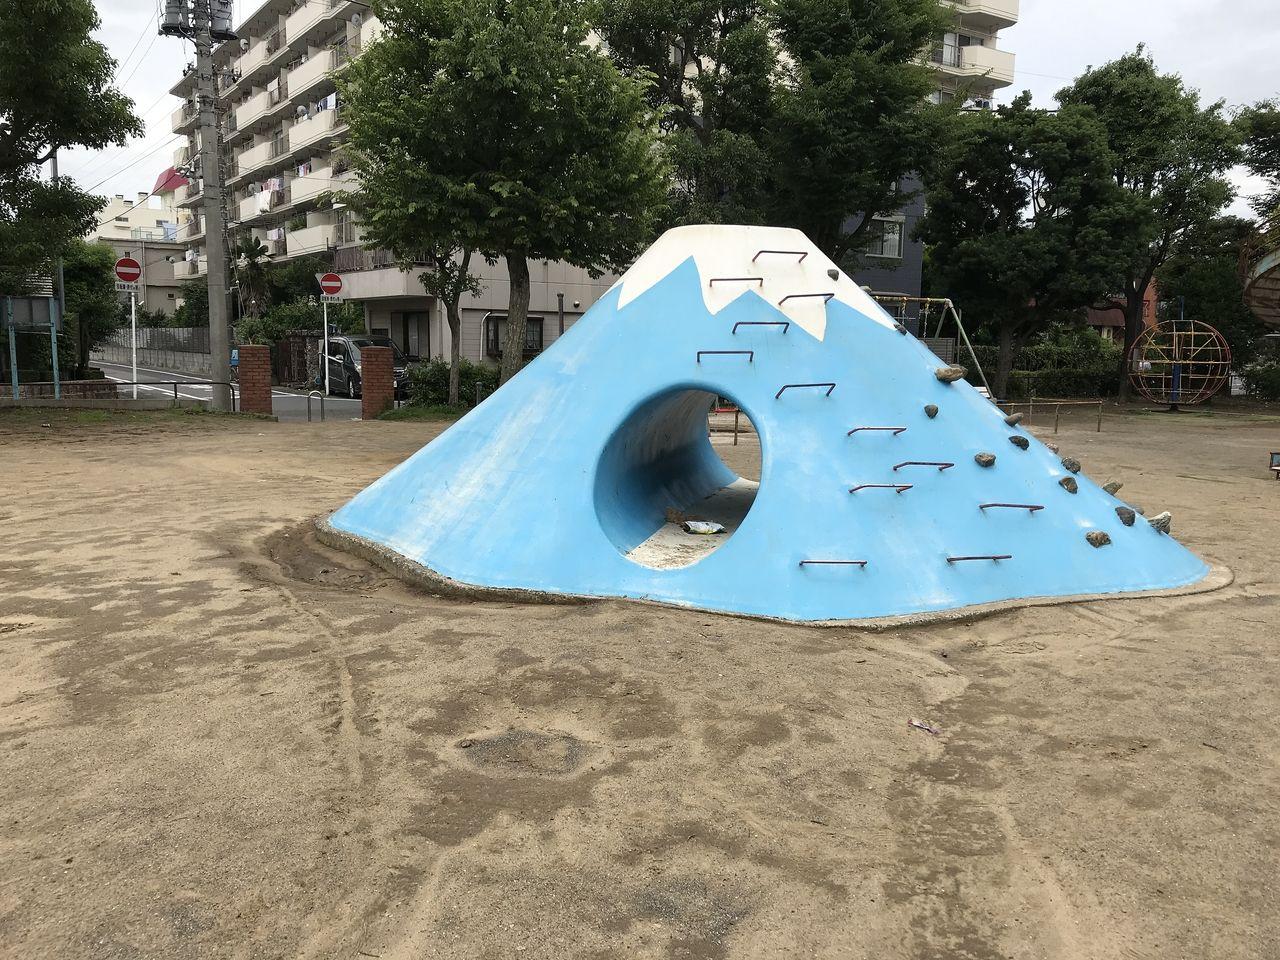 行徳の富士山すべり台と可愛い動物が目印です!行徳駅前4丁目の「東根公園」☆